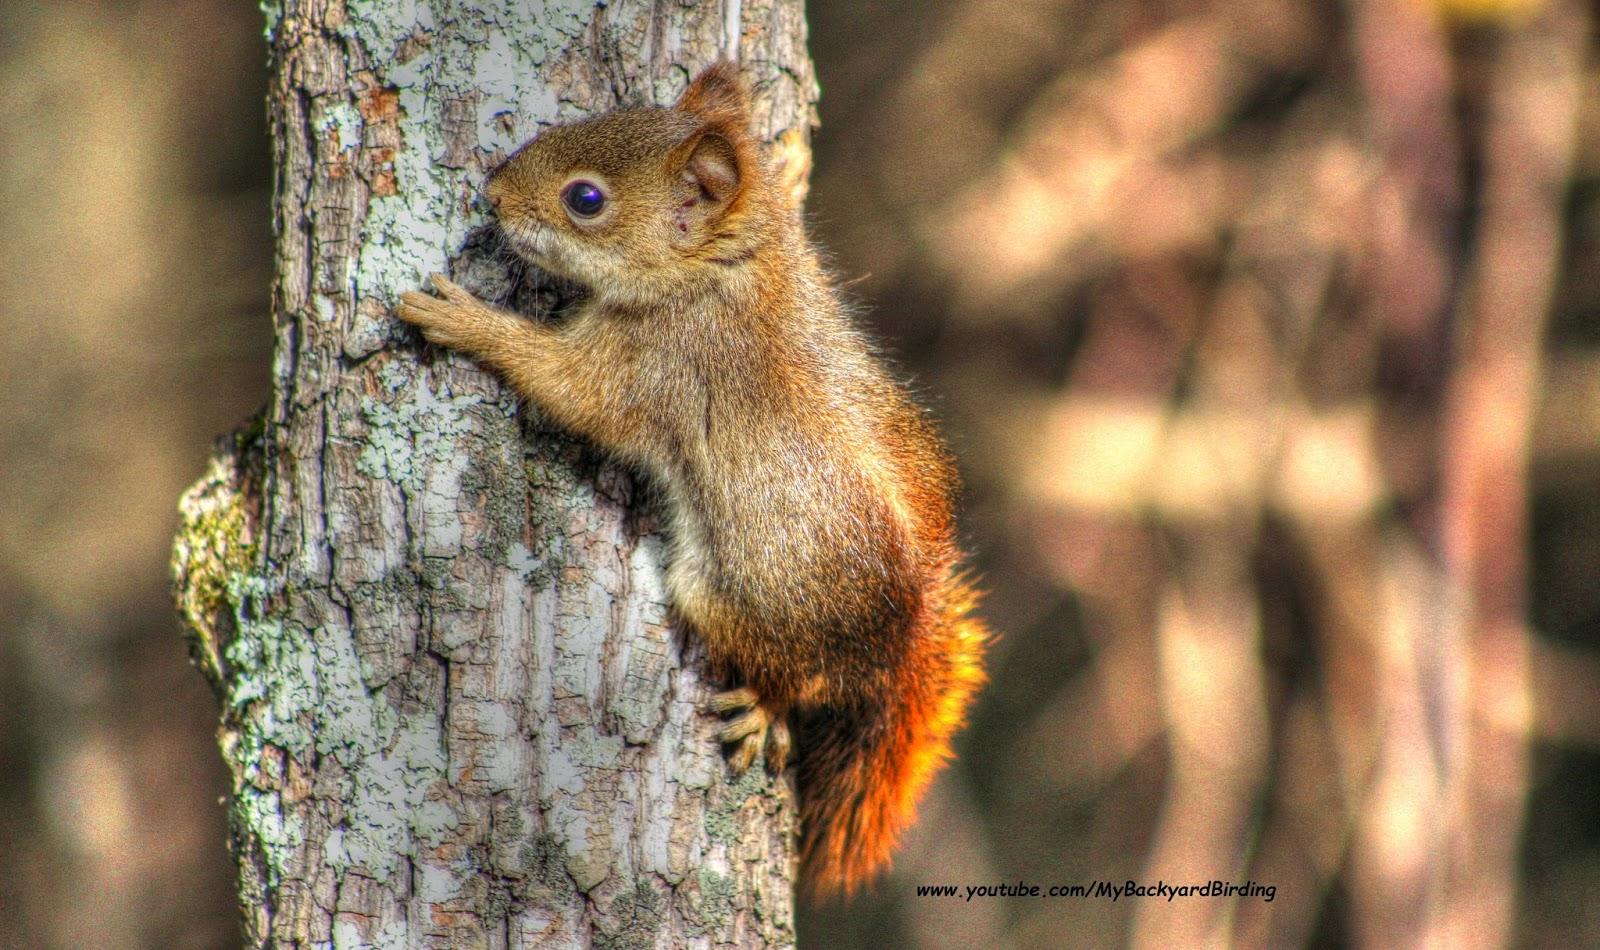 Cute Red Squirrel Kitten